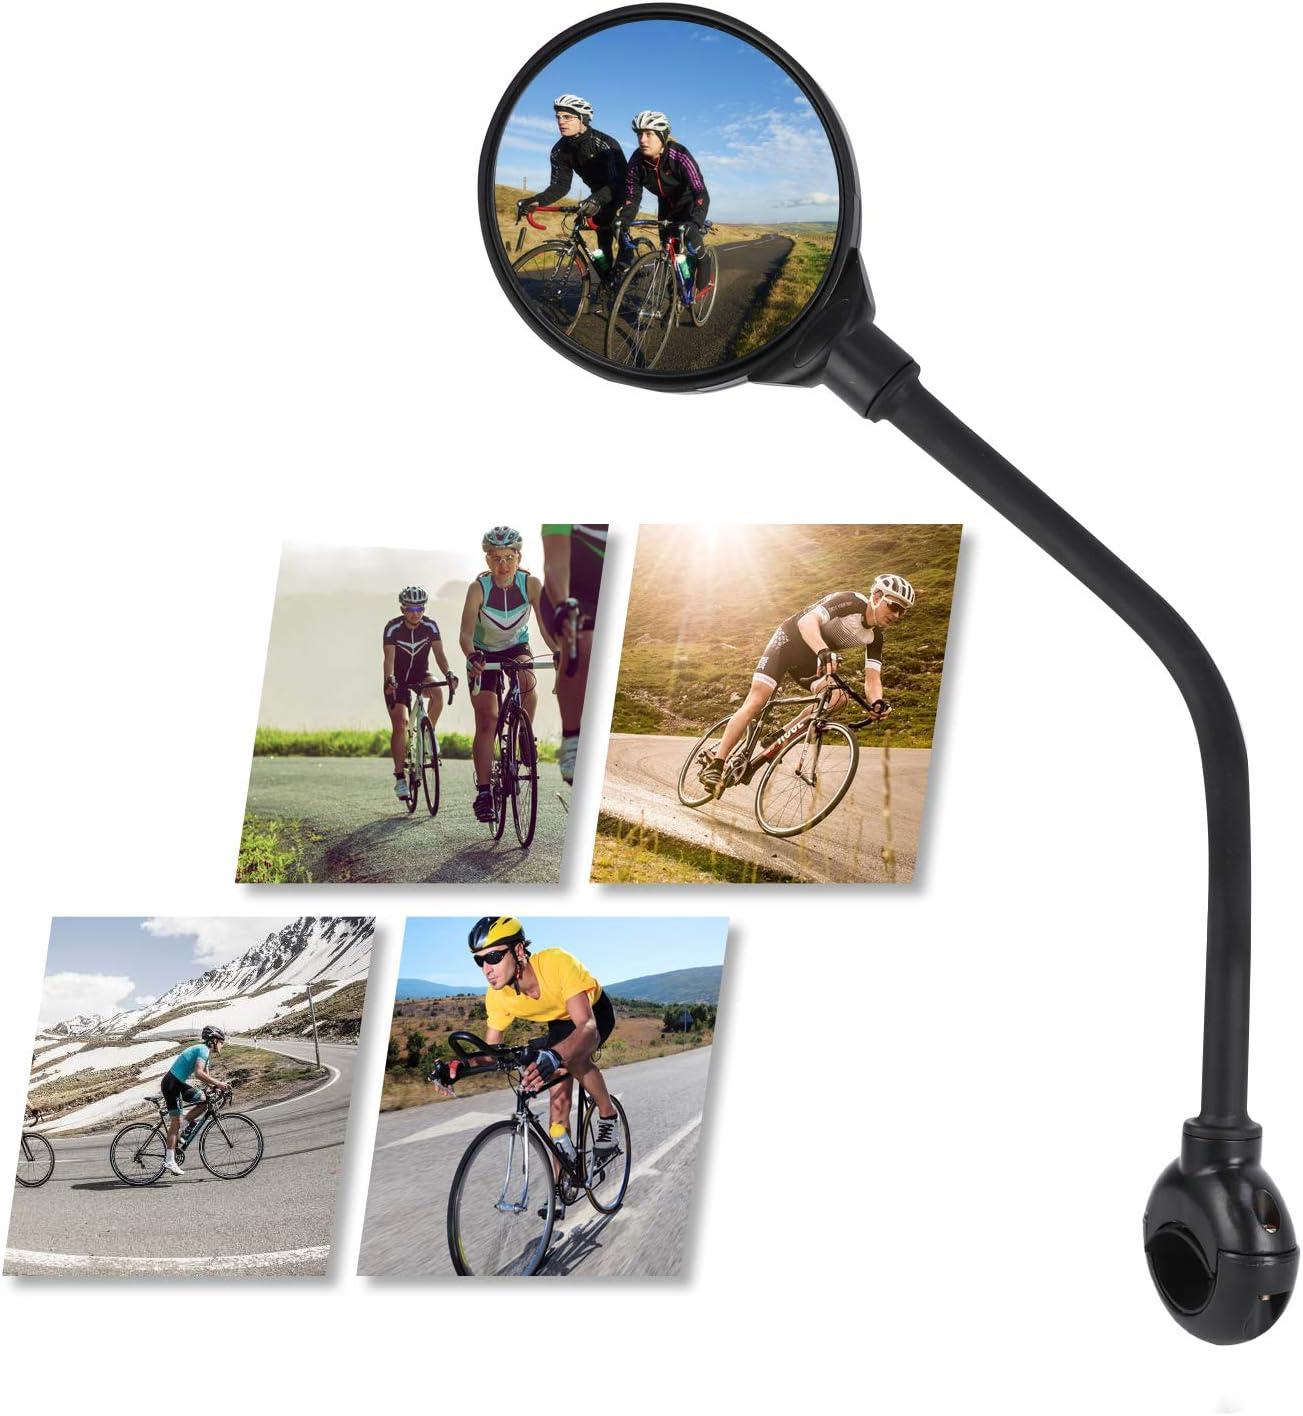 TAGVO Espejos para Bicicletas, Espejos Retrovisores Seguros de Gran Angular, 360 Grados Ajustable Rotativo Espejo Convexo montado en el Manillar para Montaña Carretera Bicicleta Ciclismo (2 Piezas): Amazon.es: Deportes y aire libre